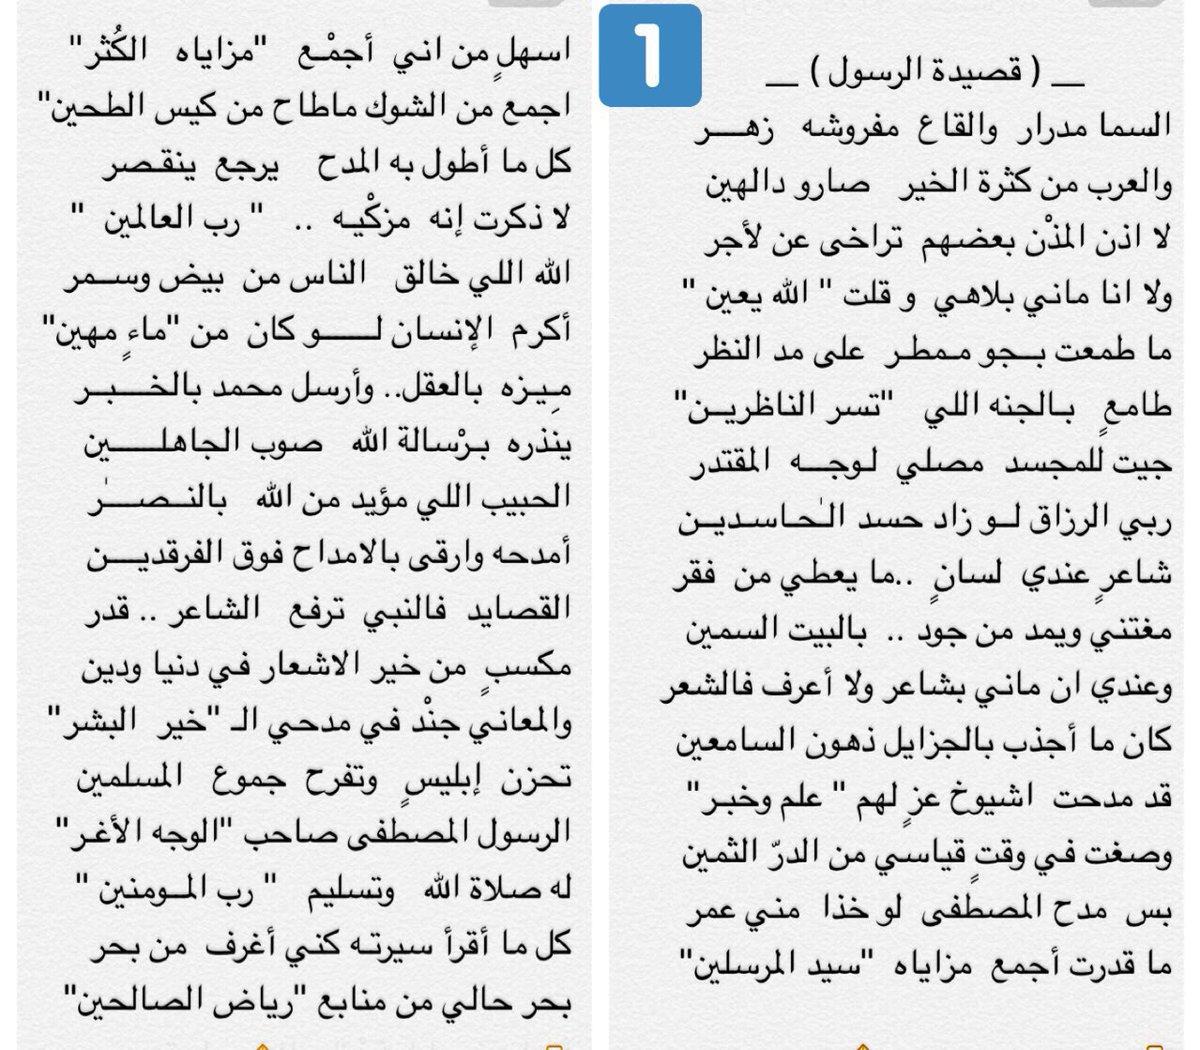 صورة قصيده مدح في محمد , اروع ما قيل في مدح الرسول